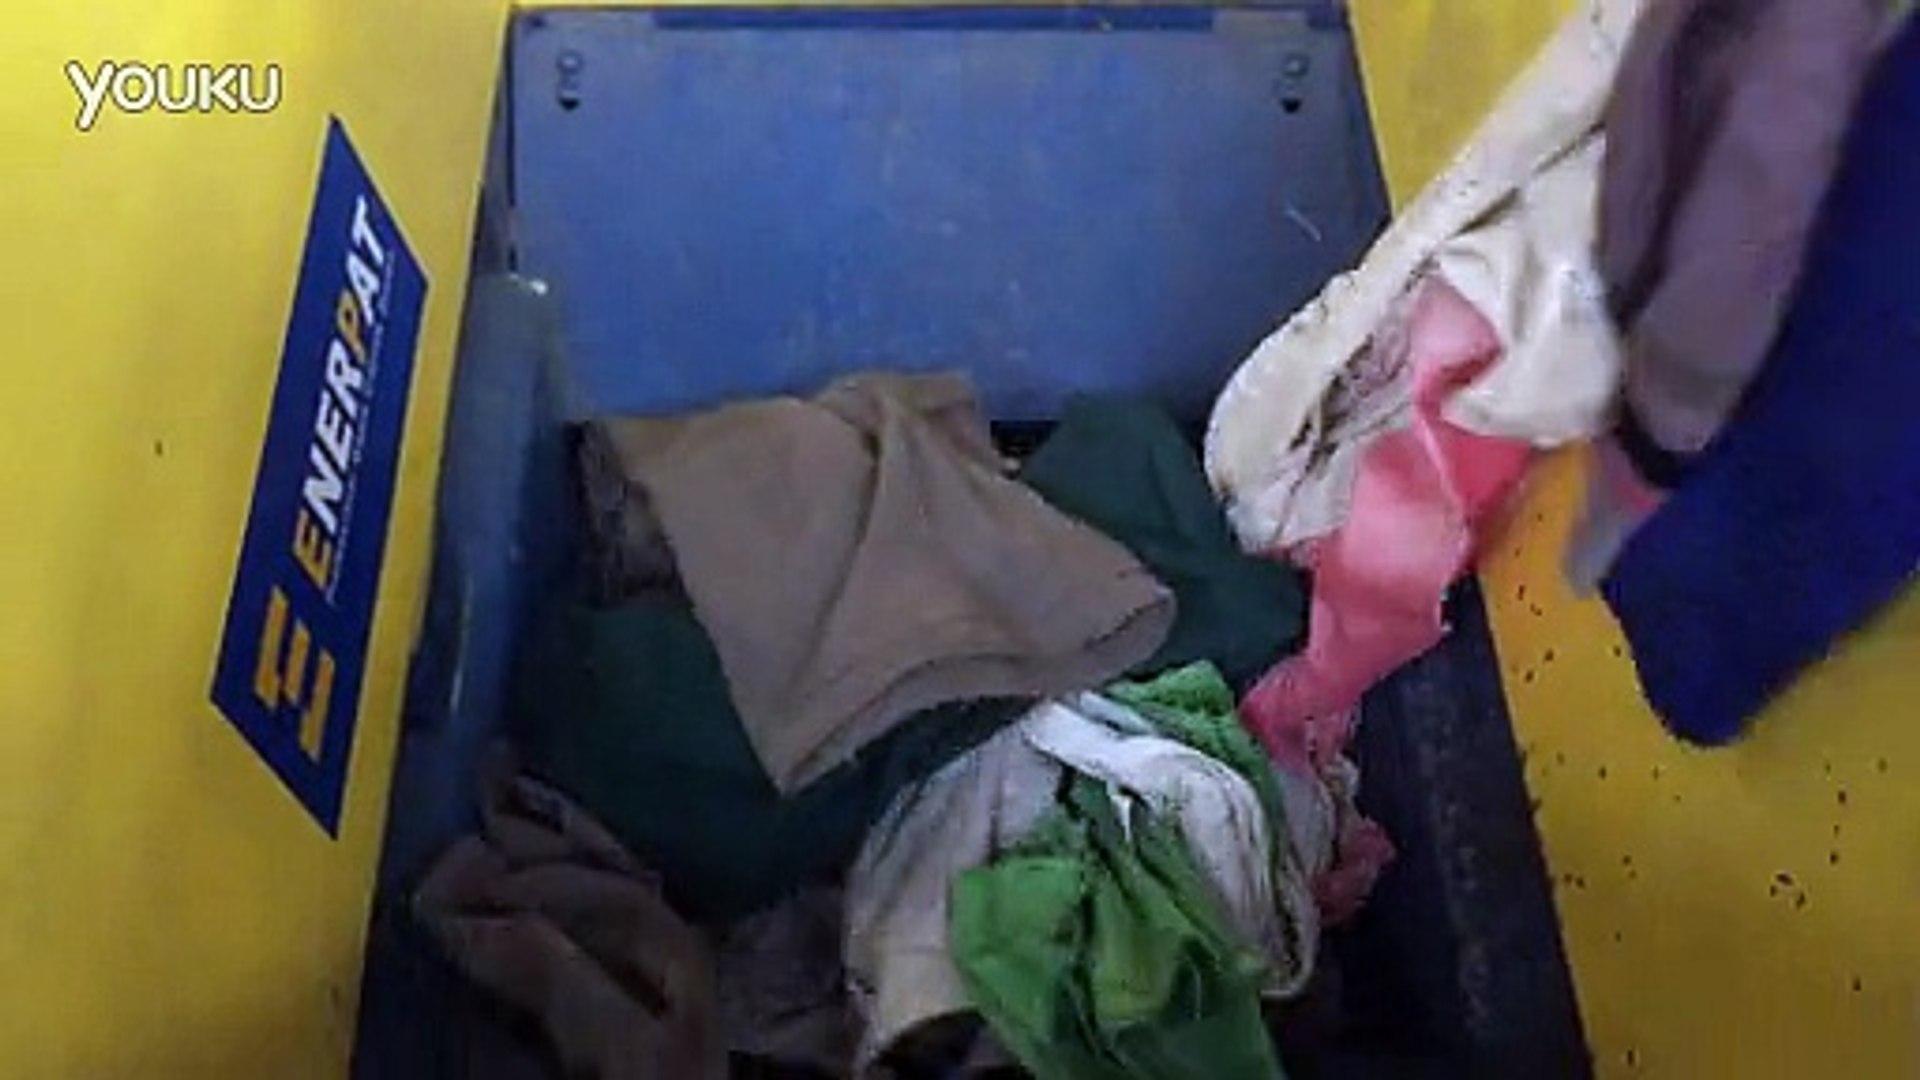 Enerpat waste clothes shredder